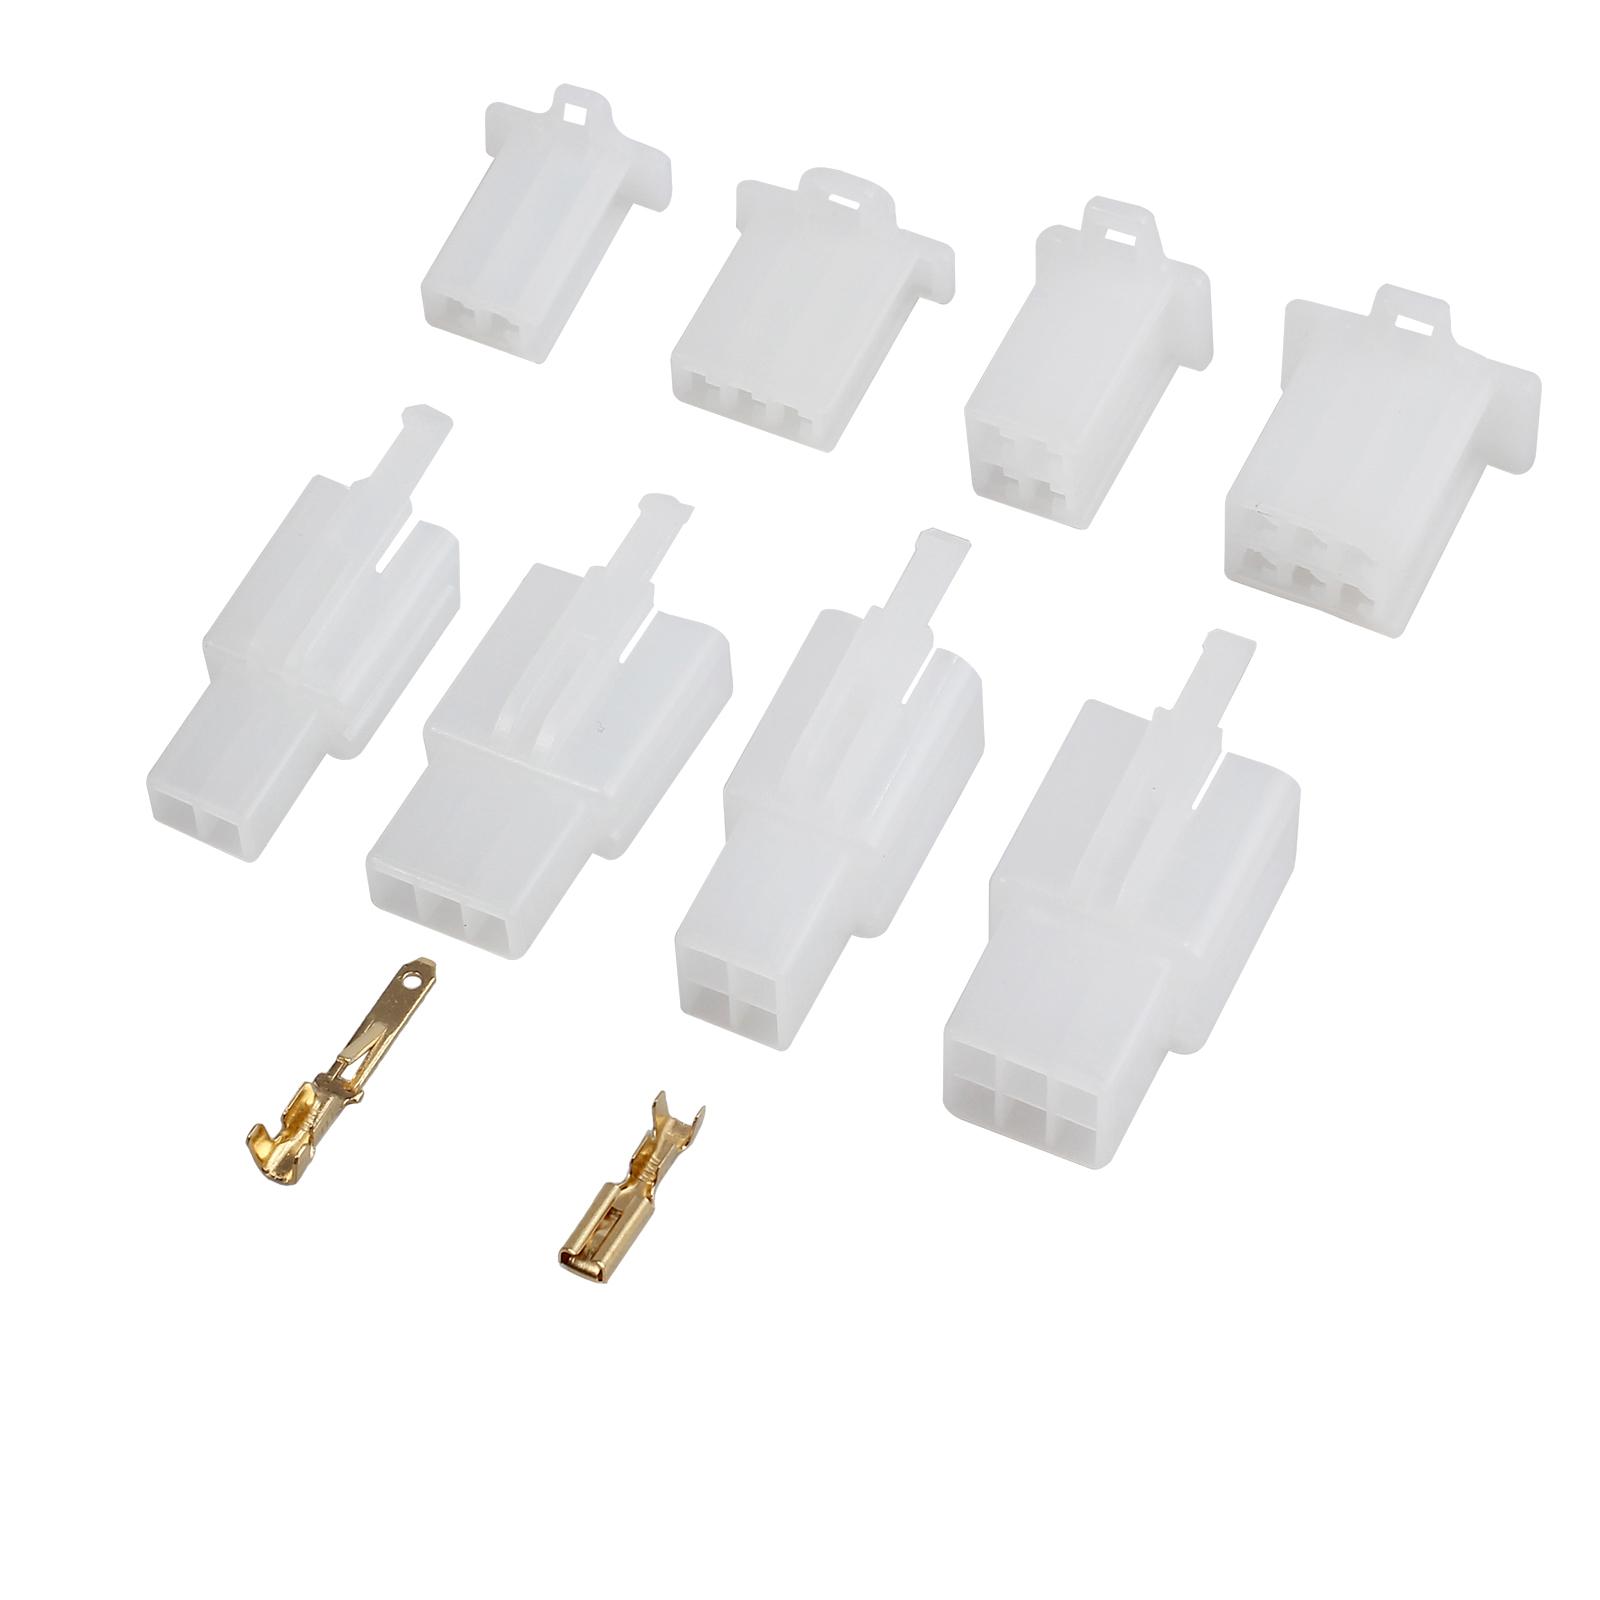 3X 50 Stück 5mm Rundkopf gemeinsame Kathode RGB Licht LED Leuchtdioden DE GF